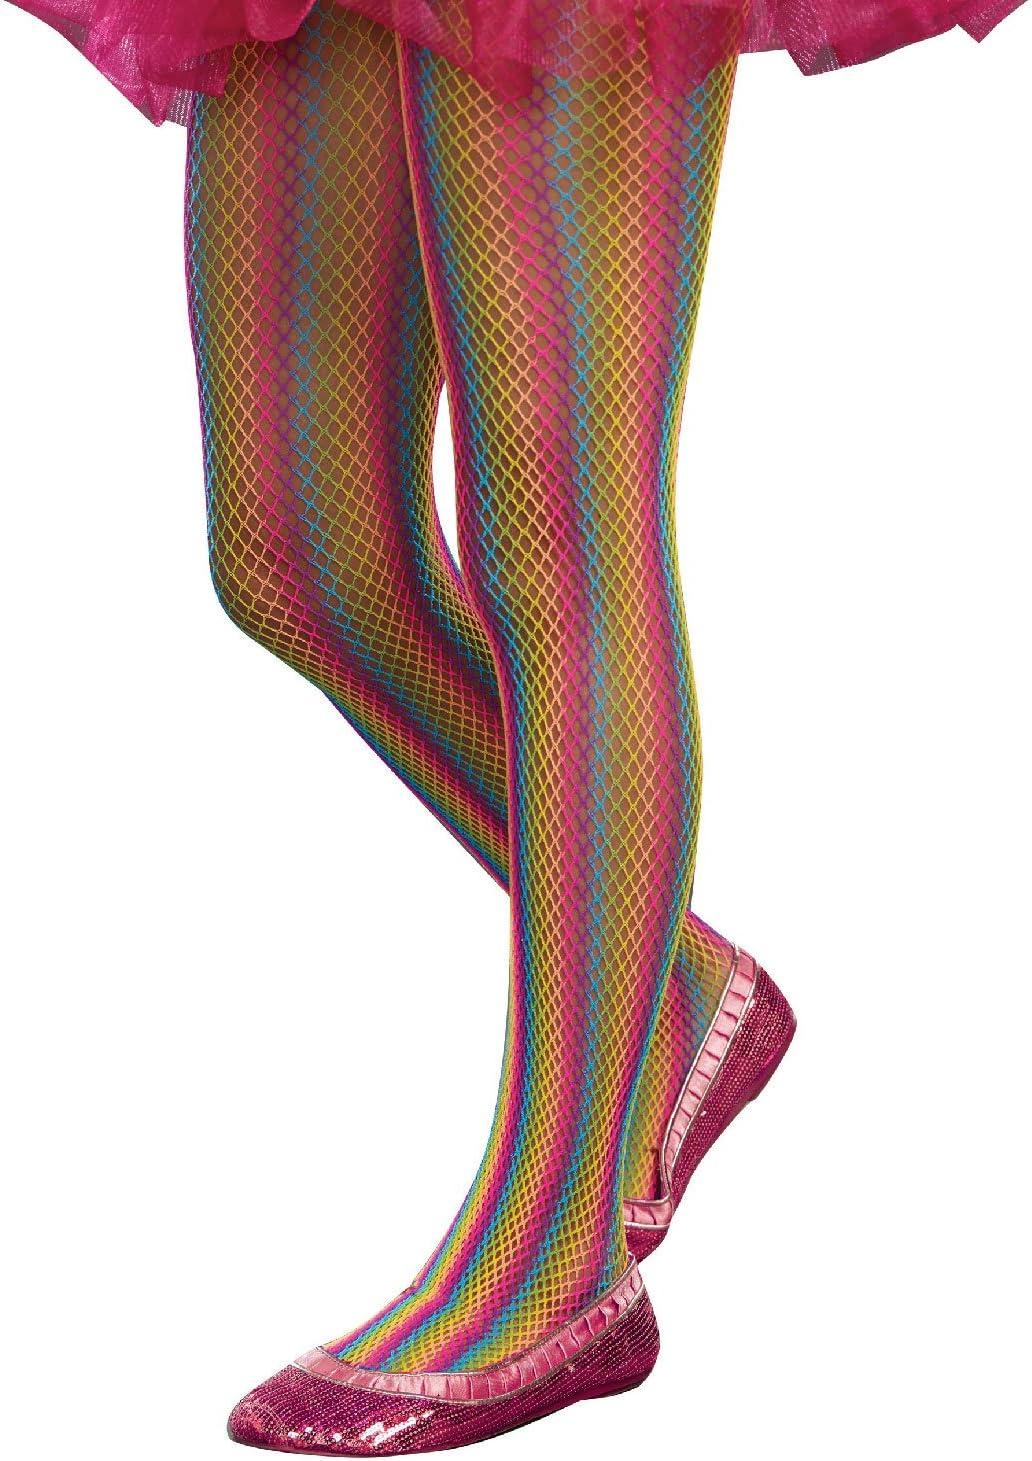 Sugar Sugar Rainbow Fishnet Tights by SugarSugar Dreamgirl